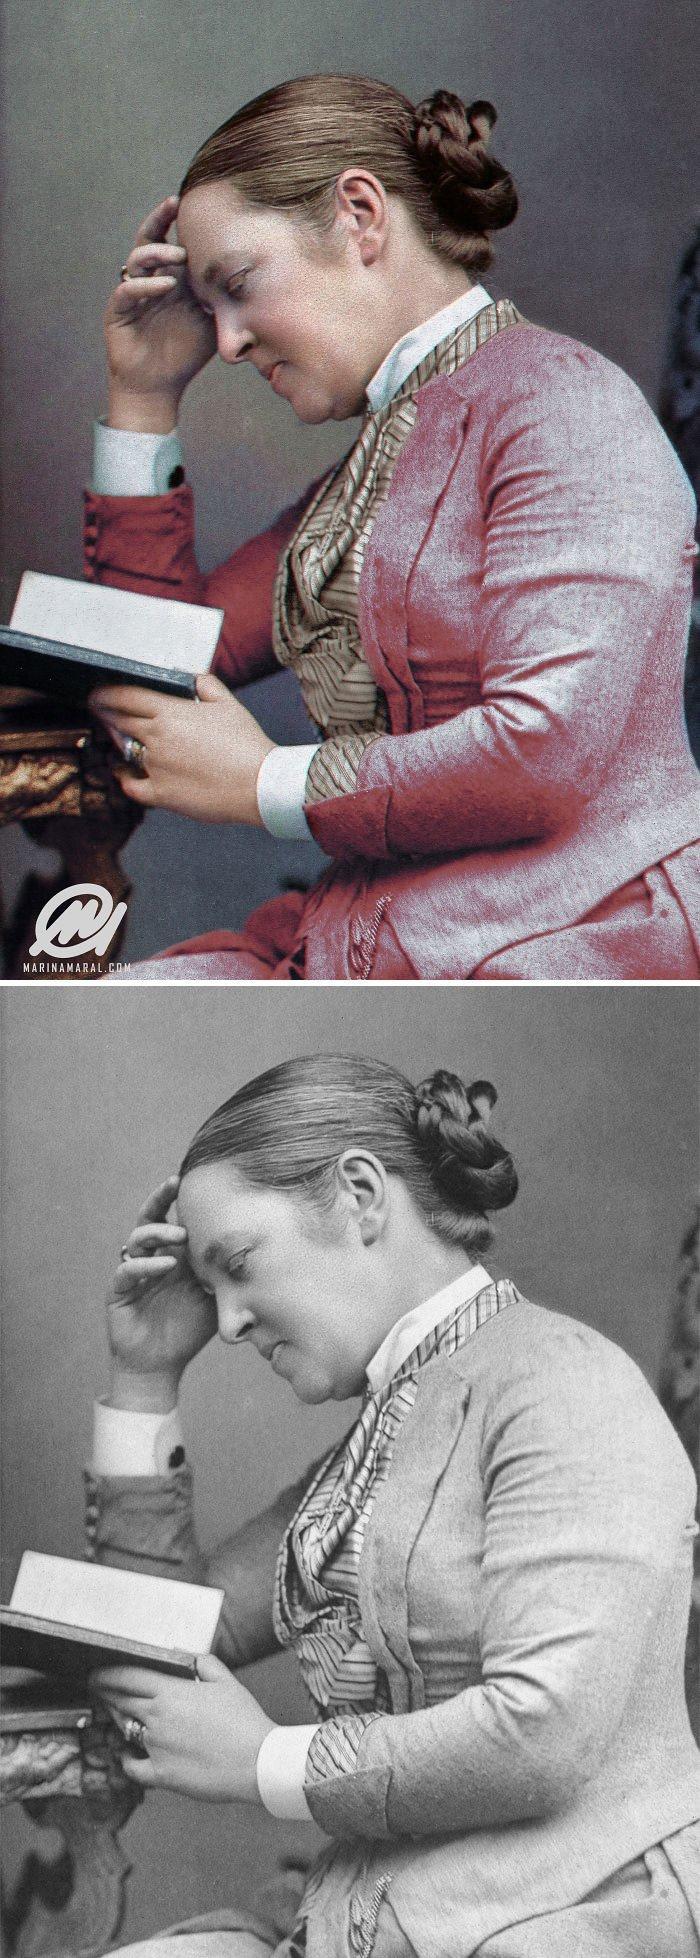 Элизабет Гаррет Андерсон, 1889 год история, портрет, прошлое, событие, фотография, фотомир, цвет